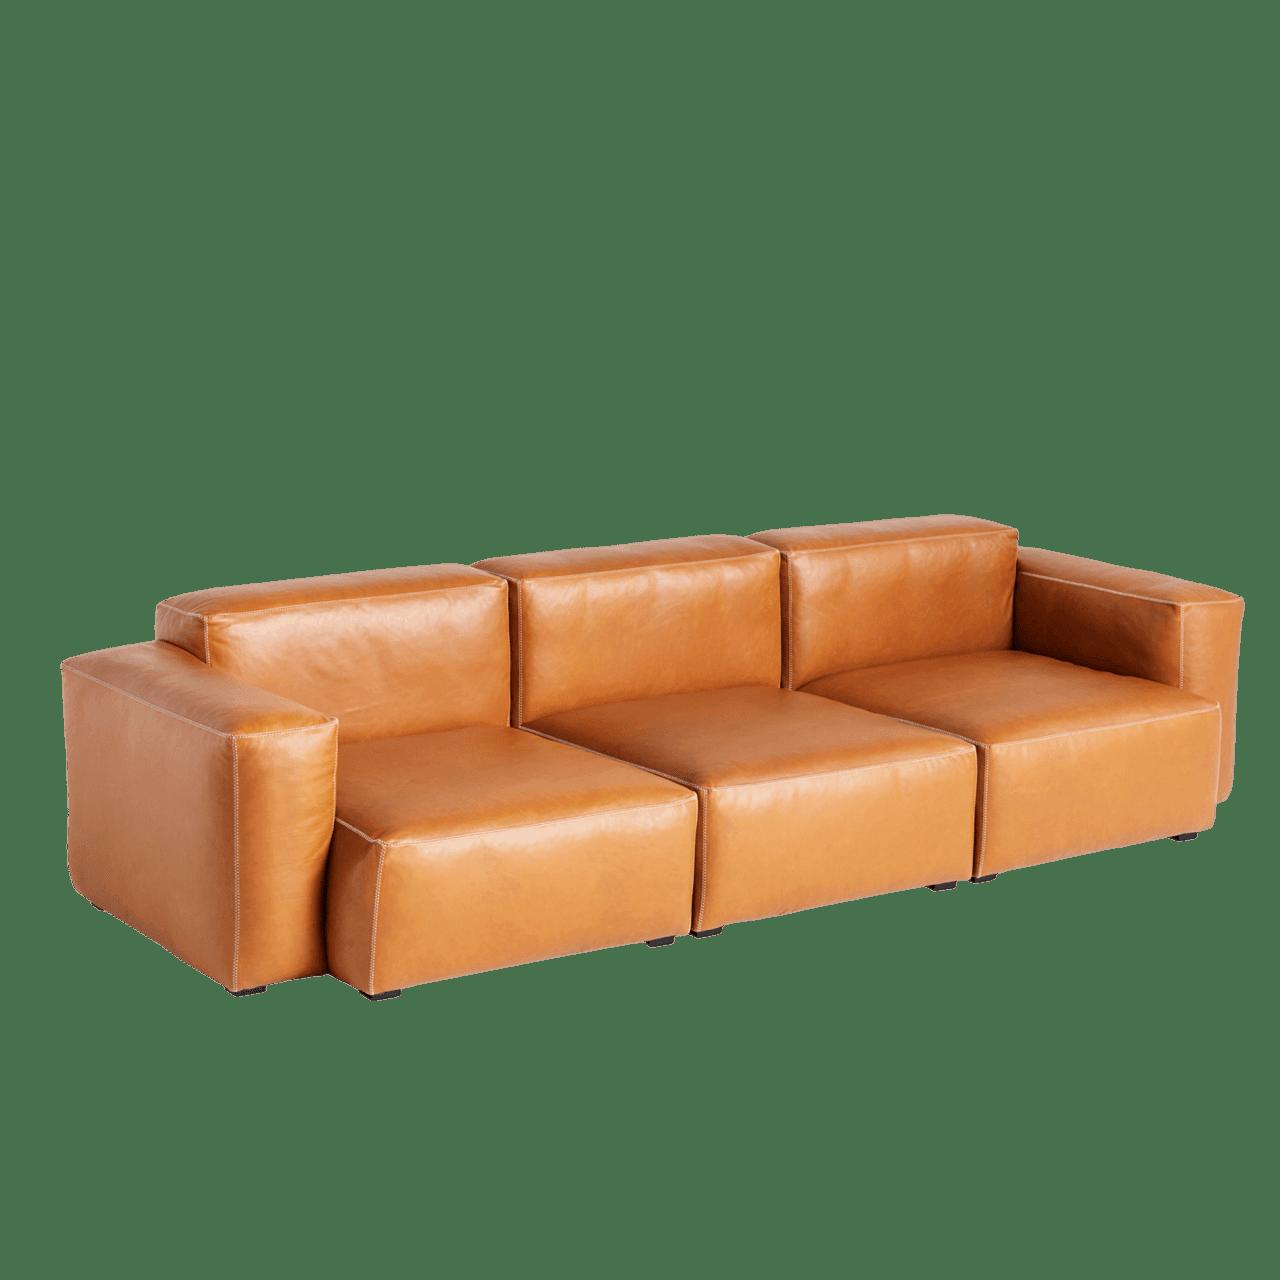 Mags Soft Sofa